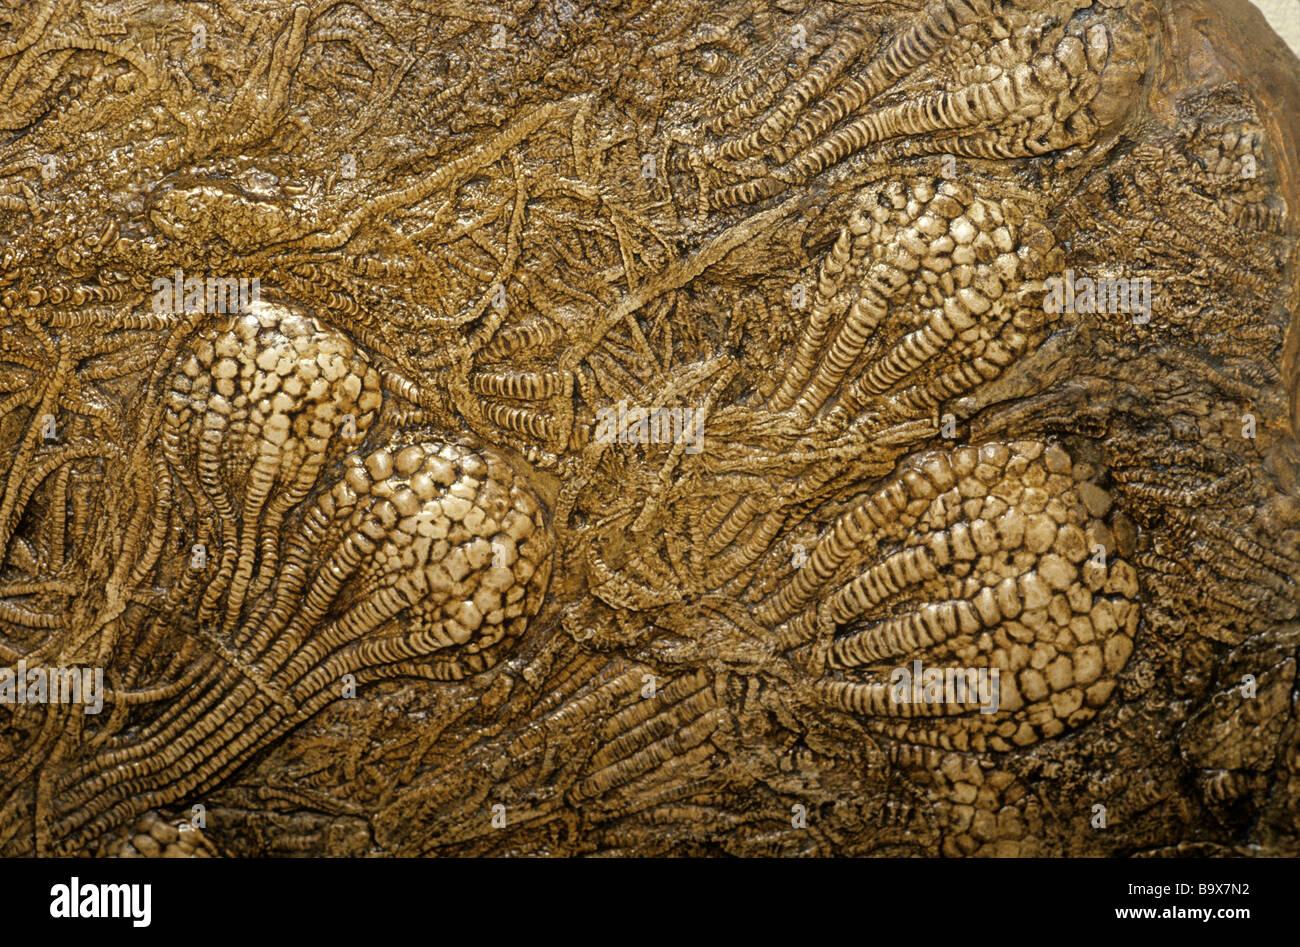 Crinoideos fósil desde finales del período Cretácico Formación Niobrara Kansas Imagen De Stock